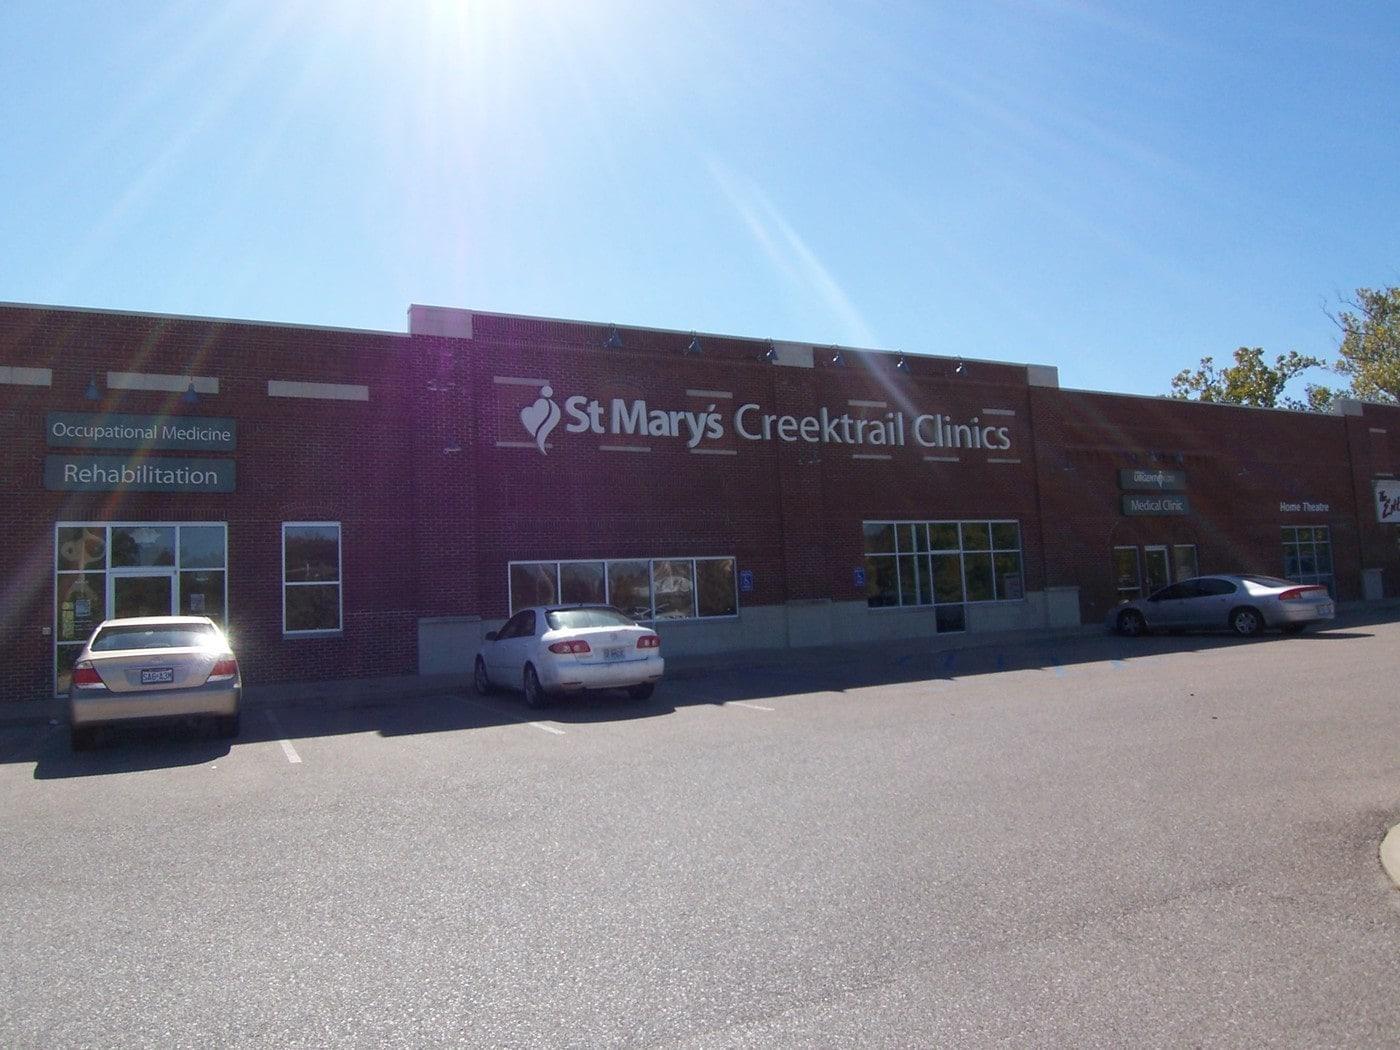 St Mary's Creektrail Clinics